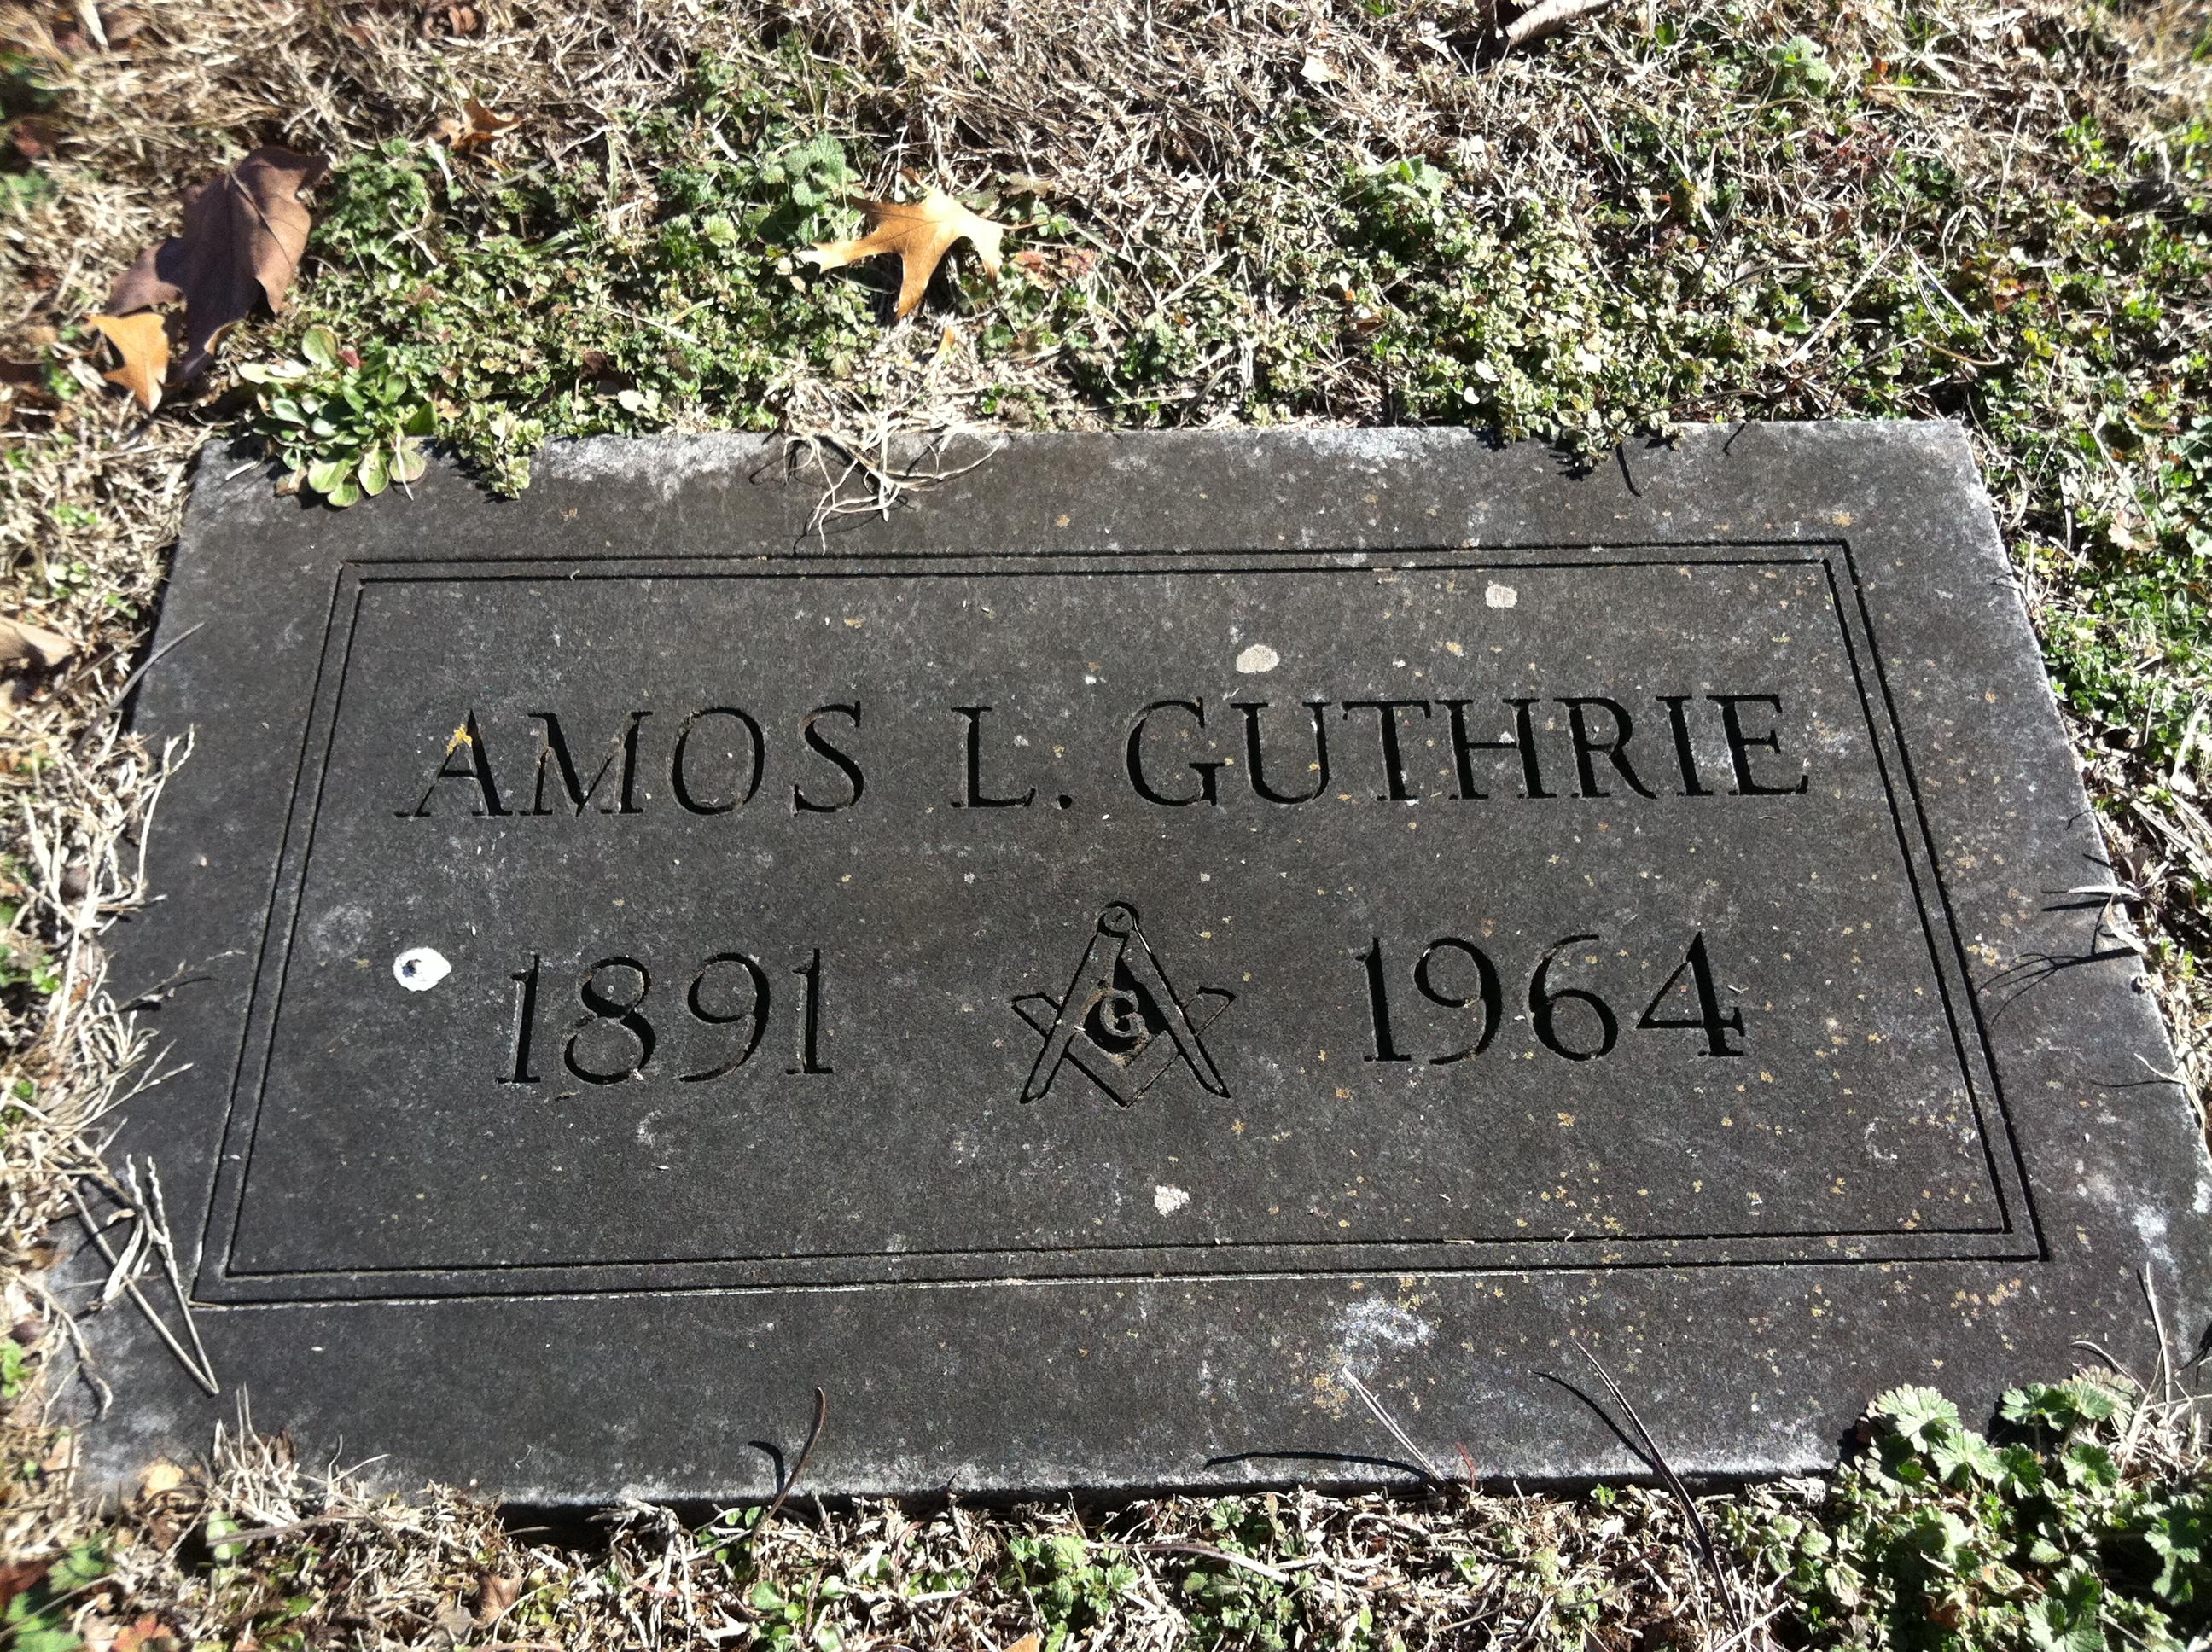 Amos G Guthrie